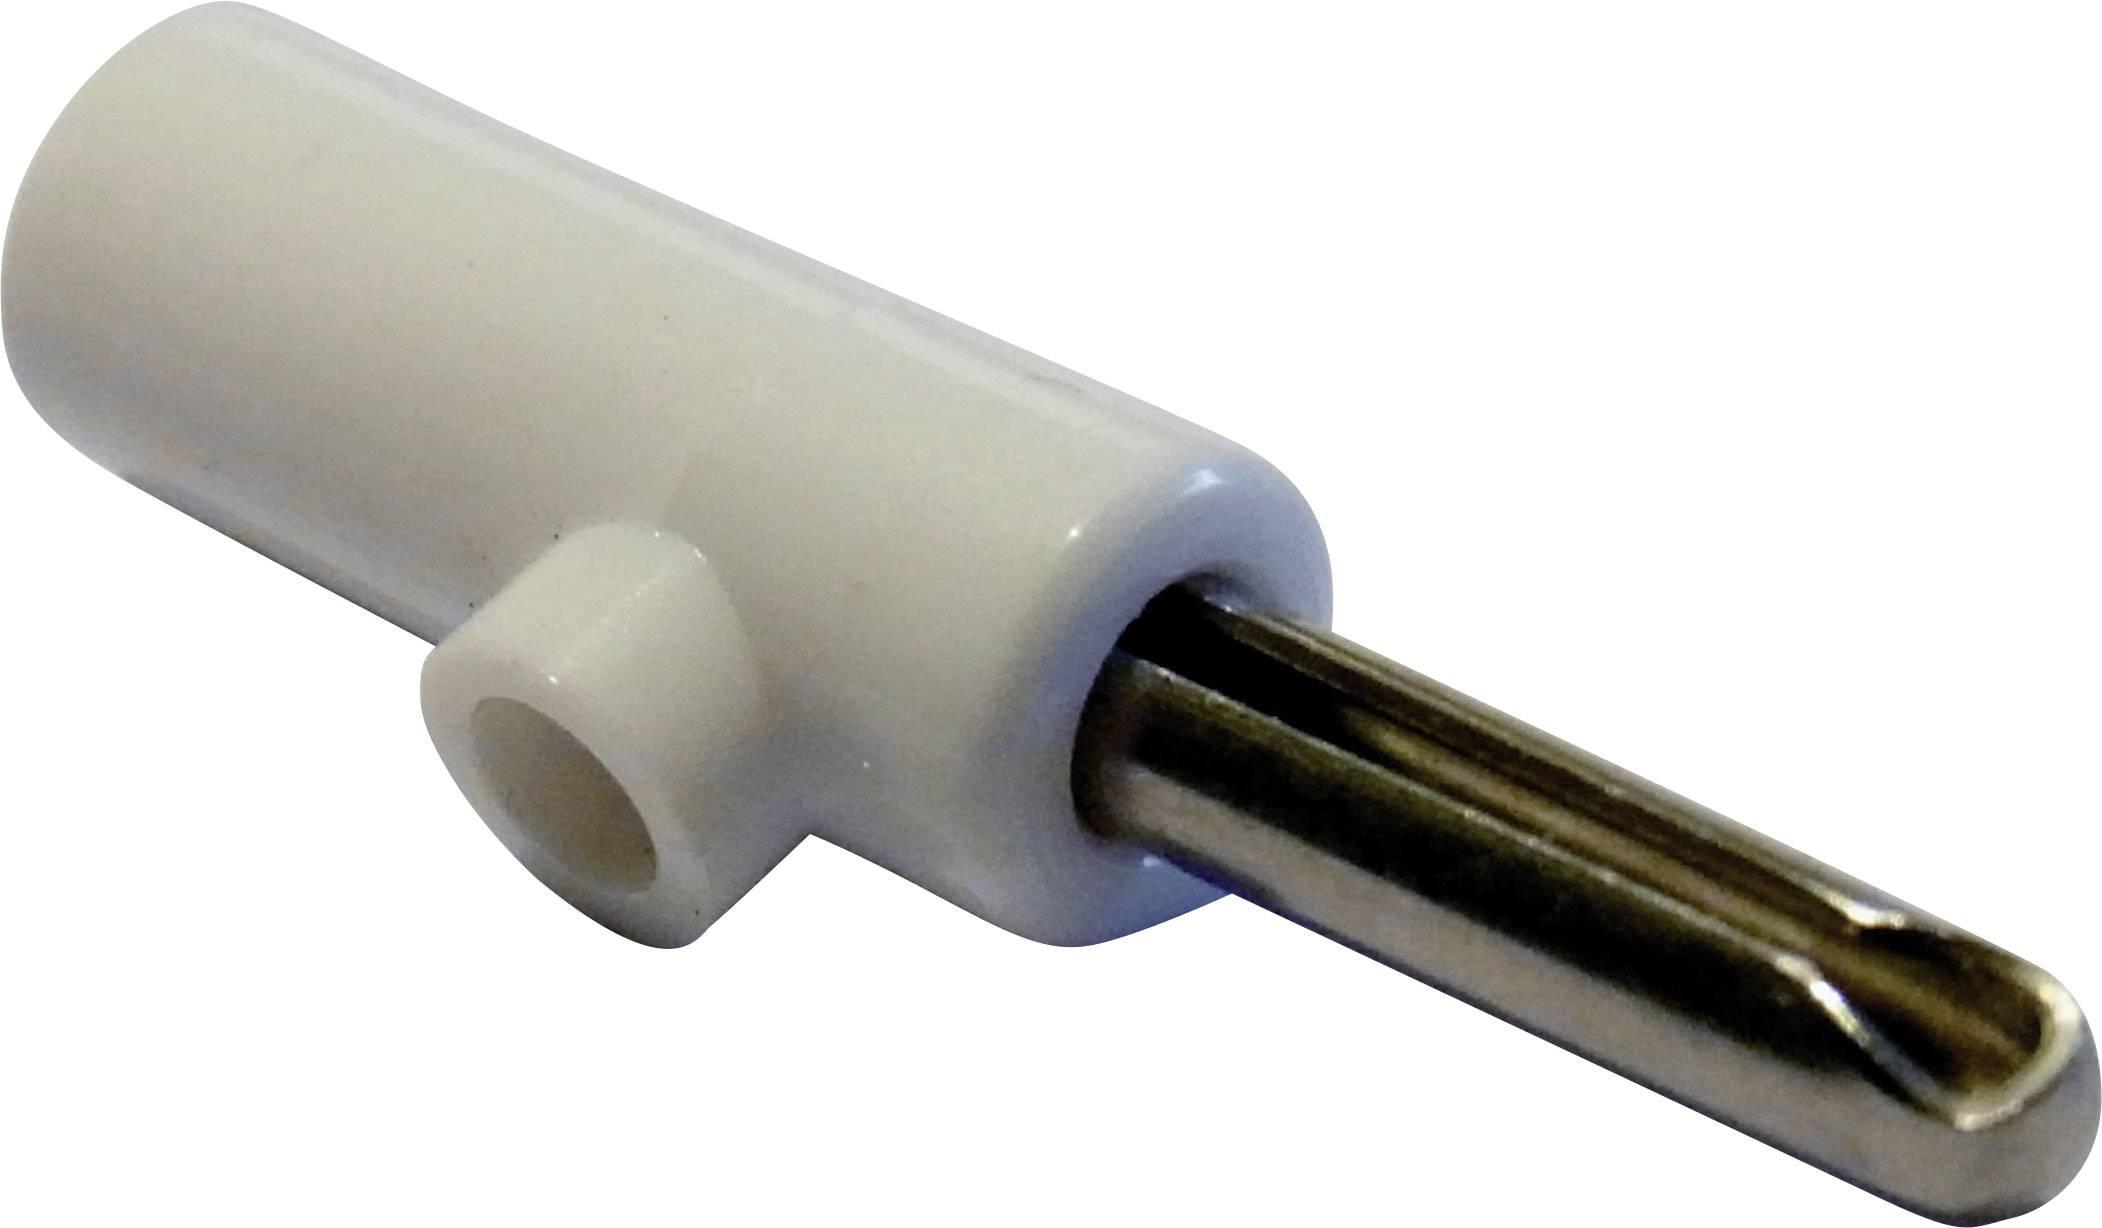 Banánkový šroubovací konektor 4 mm, 60 V, 16 A, bílá